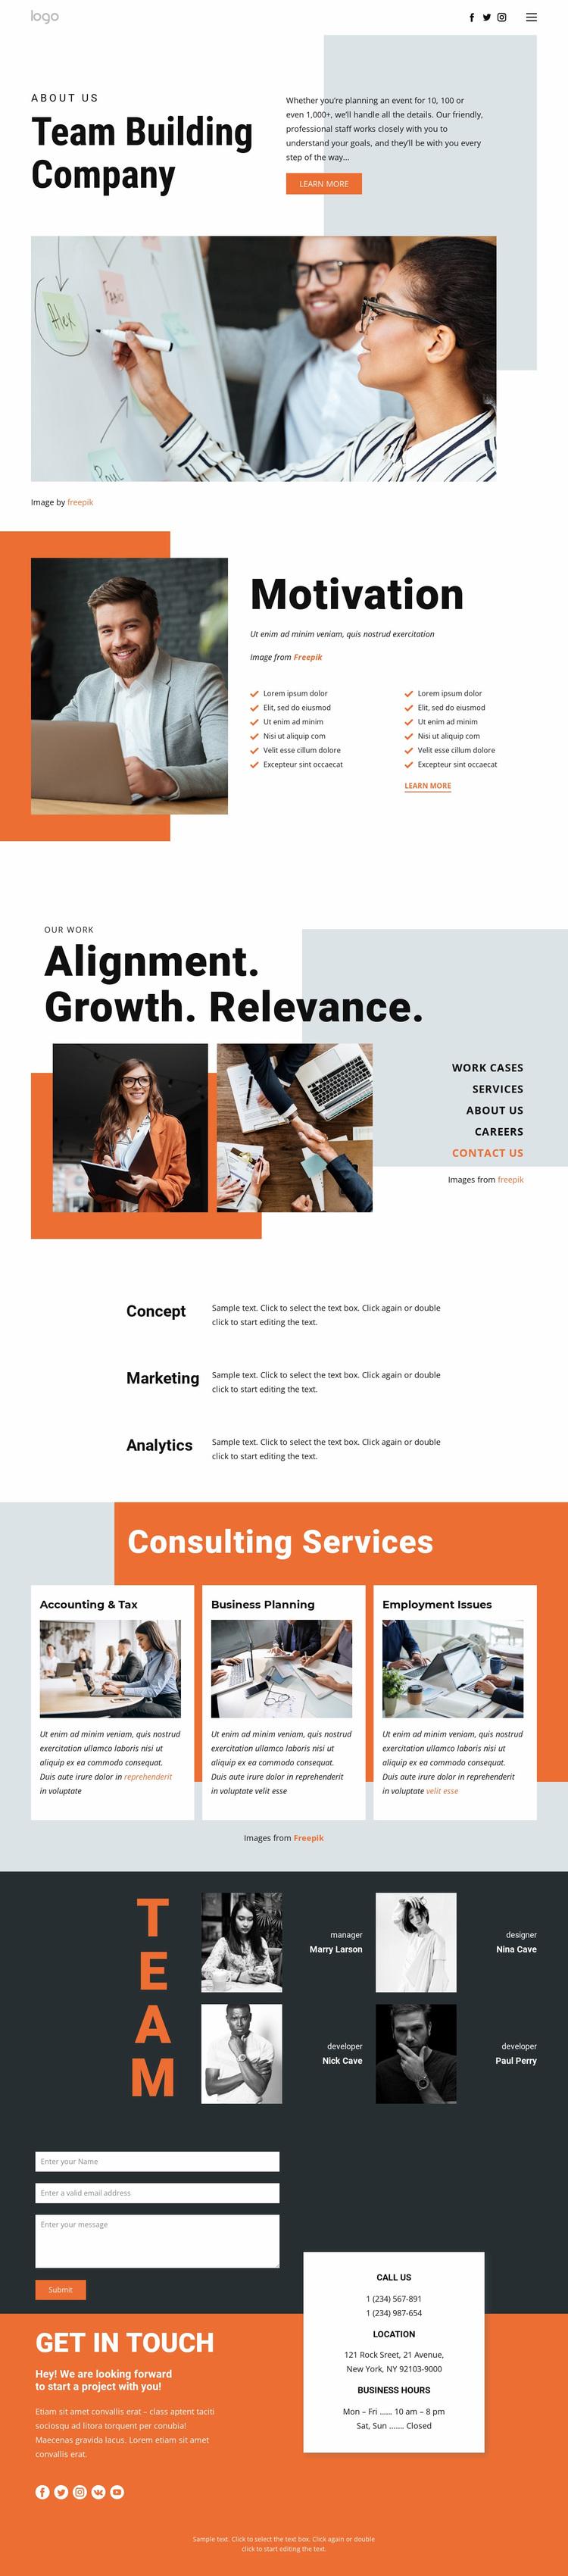 Team building for business Website Design